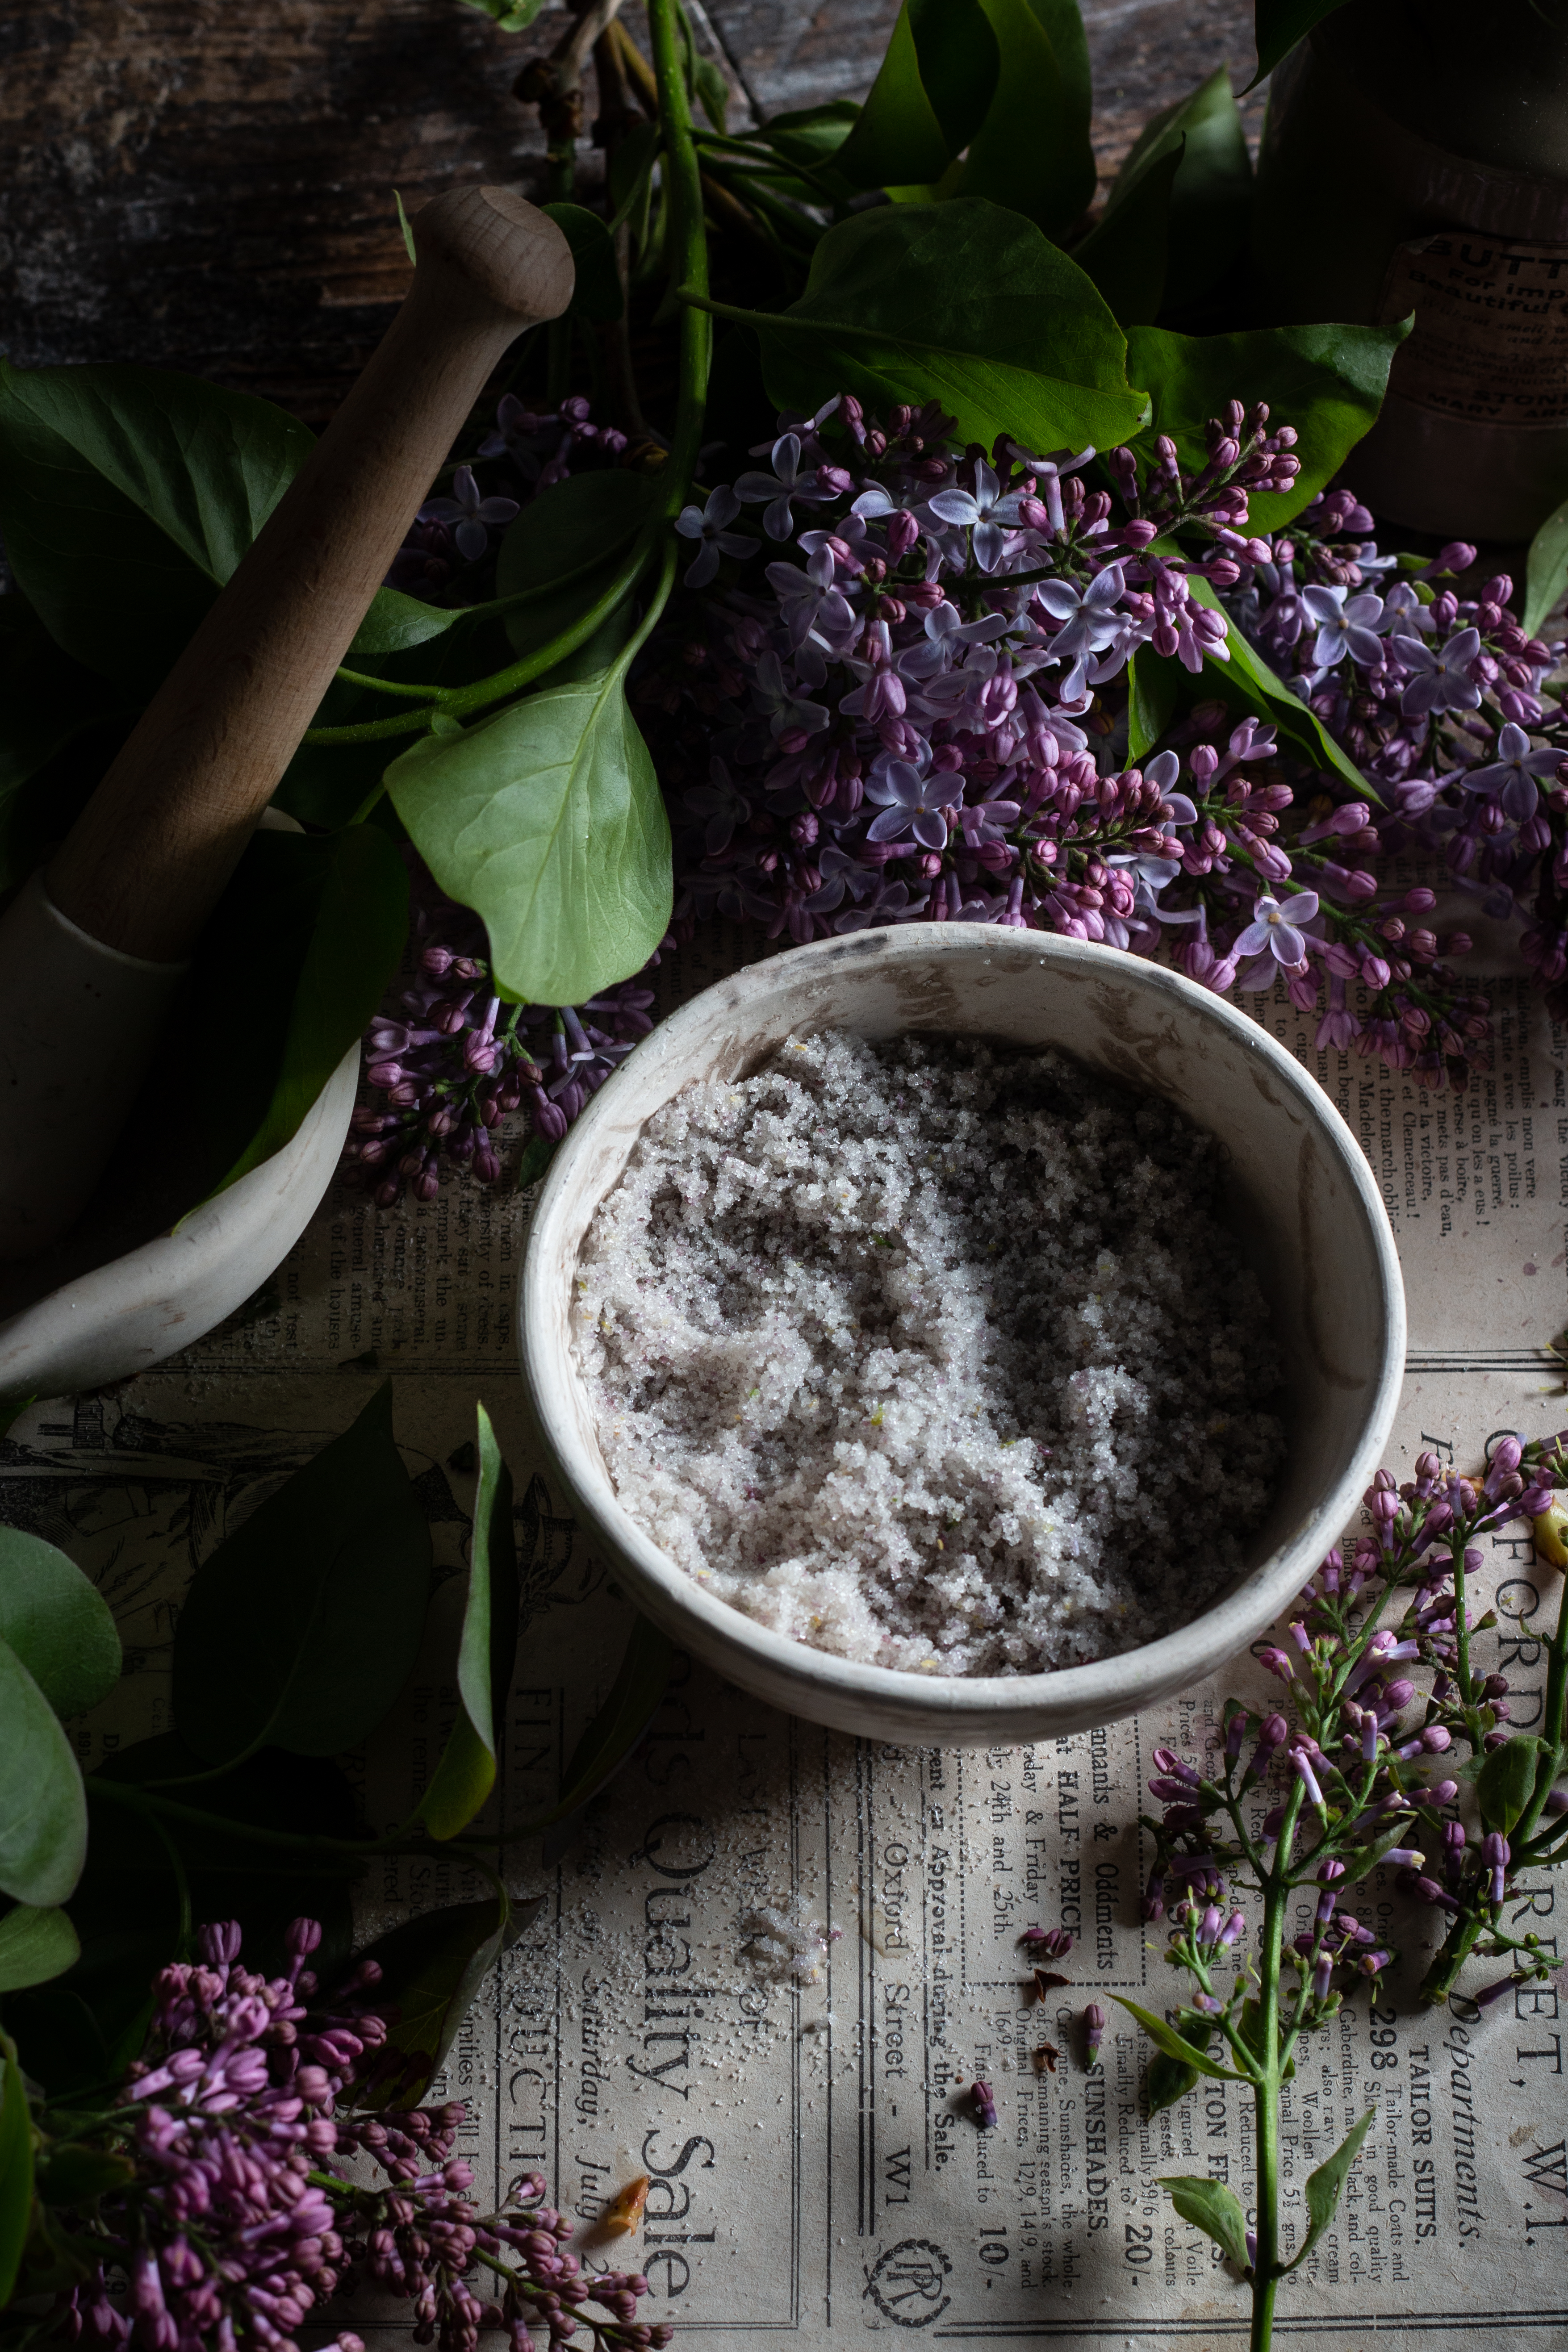 Lilac sugar salty honey pie with rhubarb